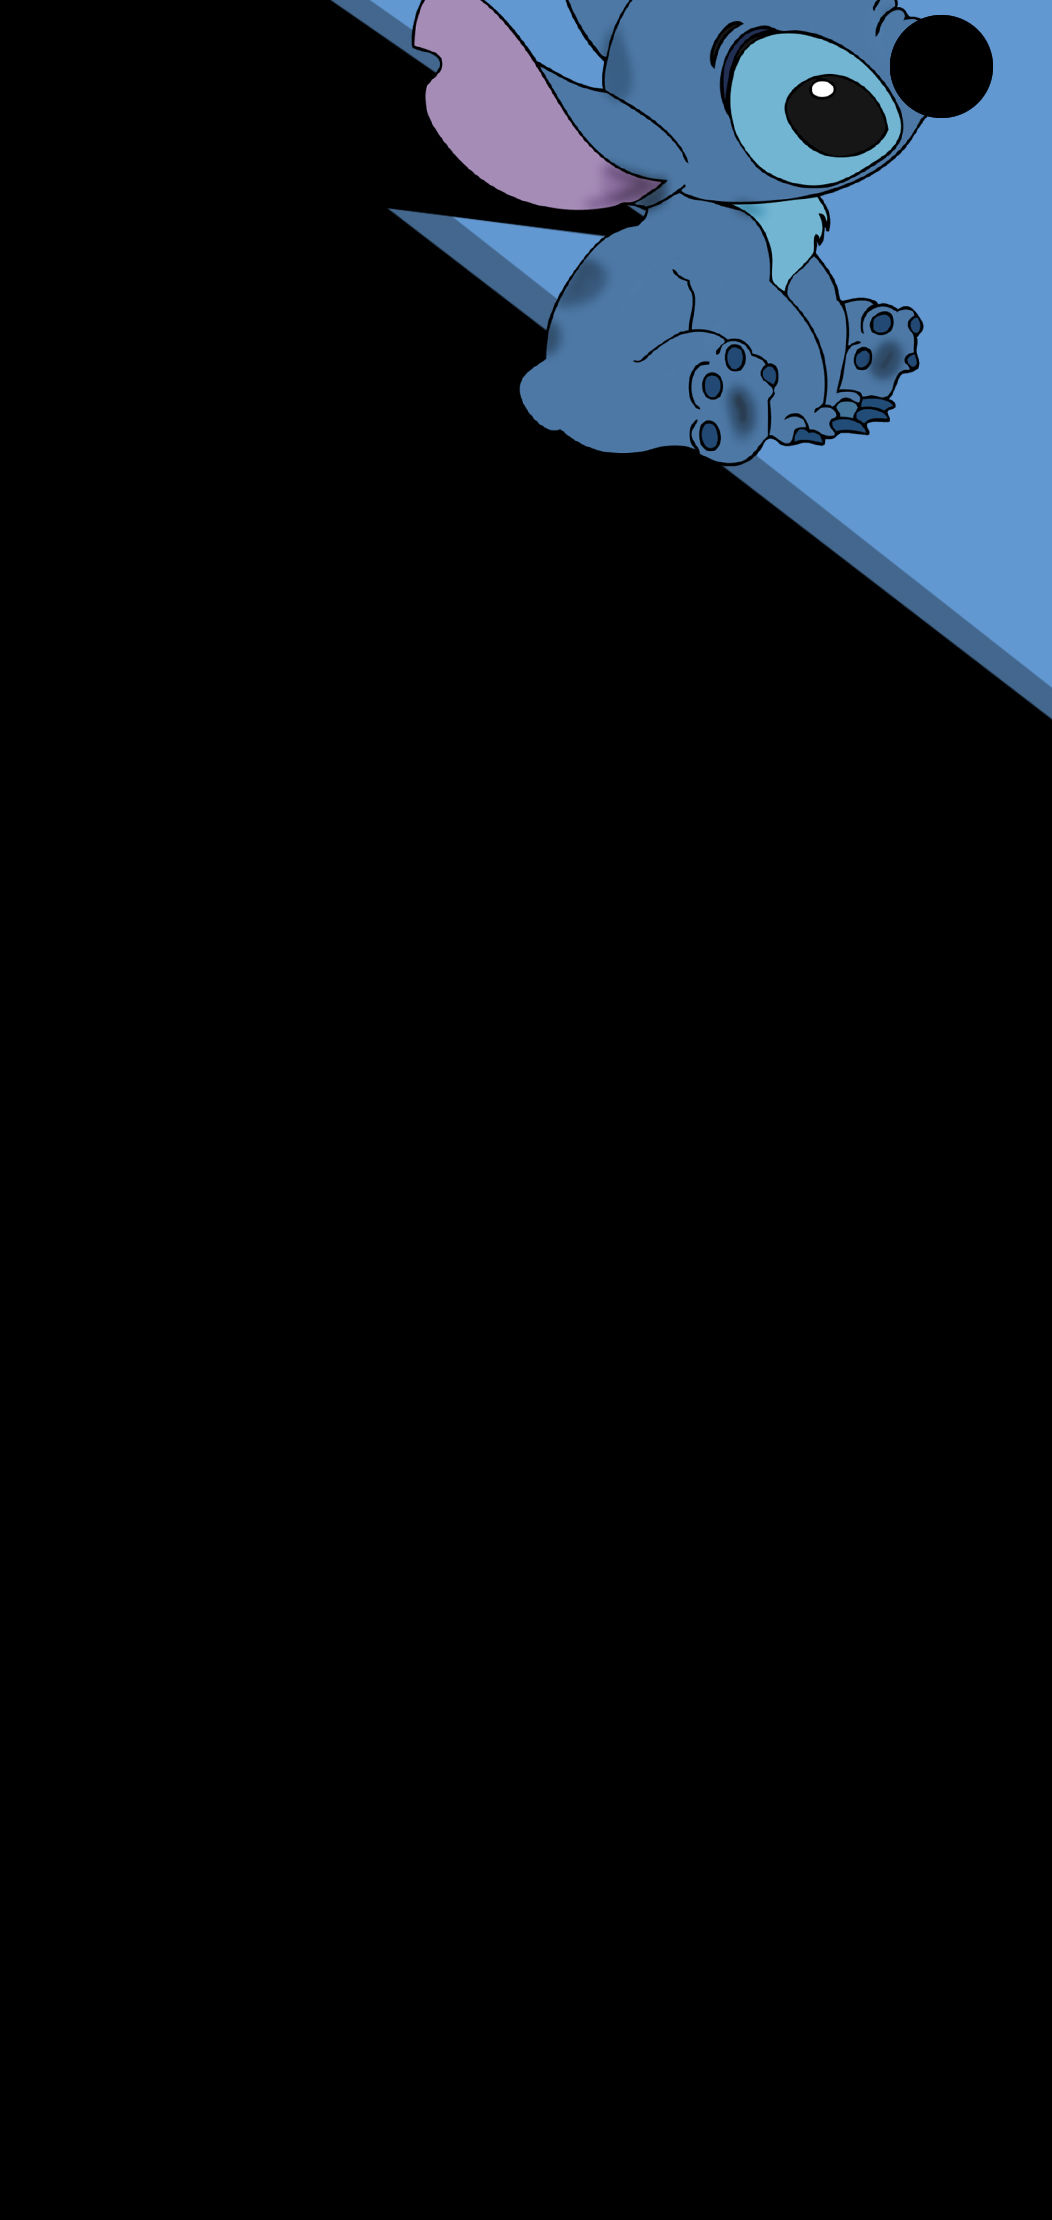 Lilo y stich fondo de pantalla Galaxy S10+